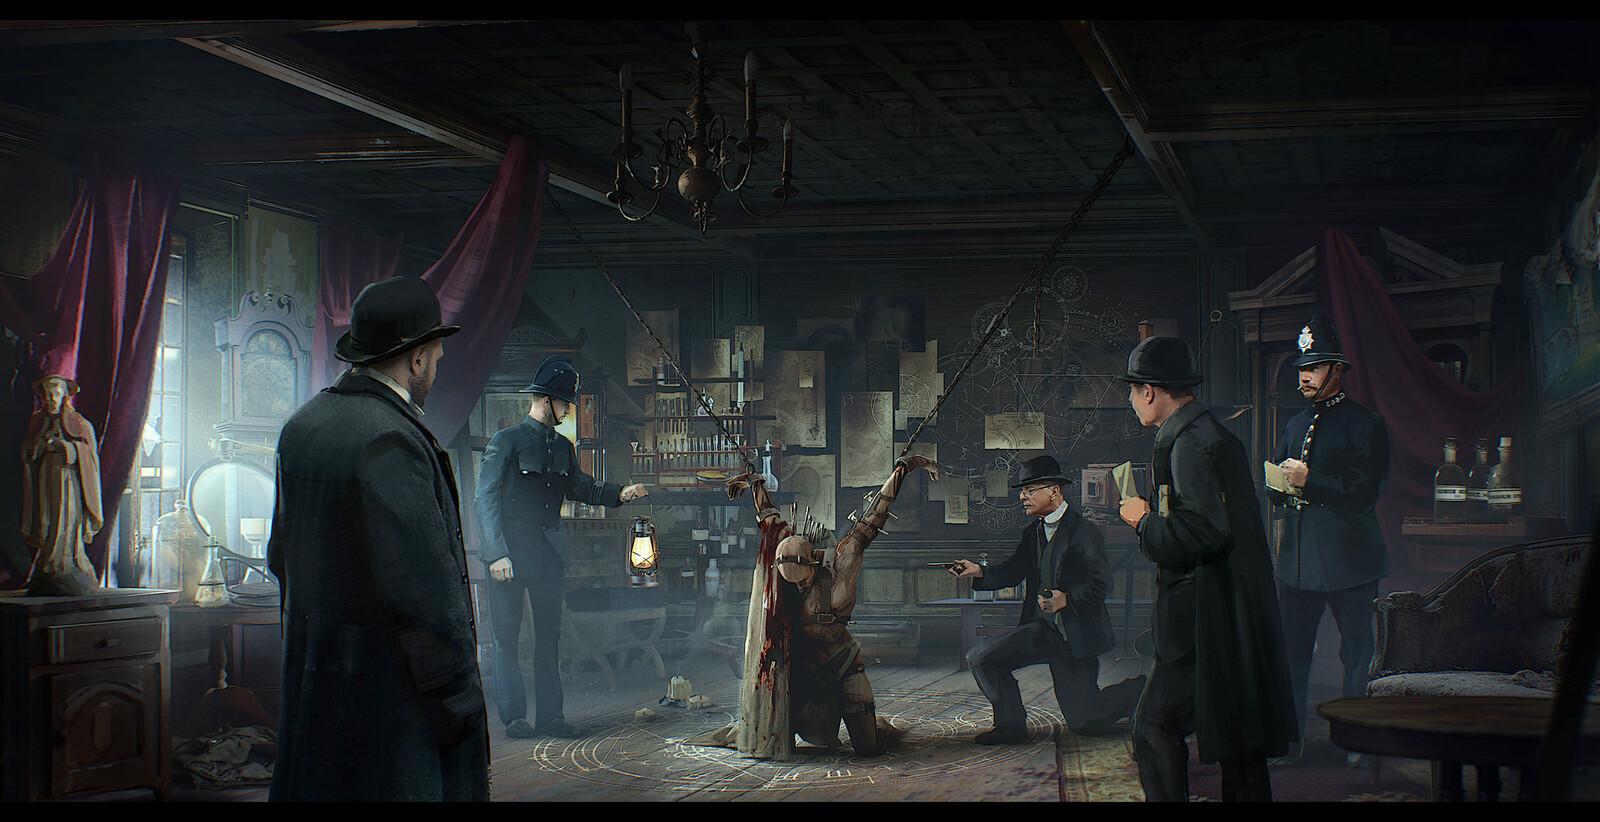 Occult Crime scene investigation